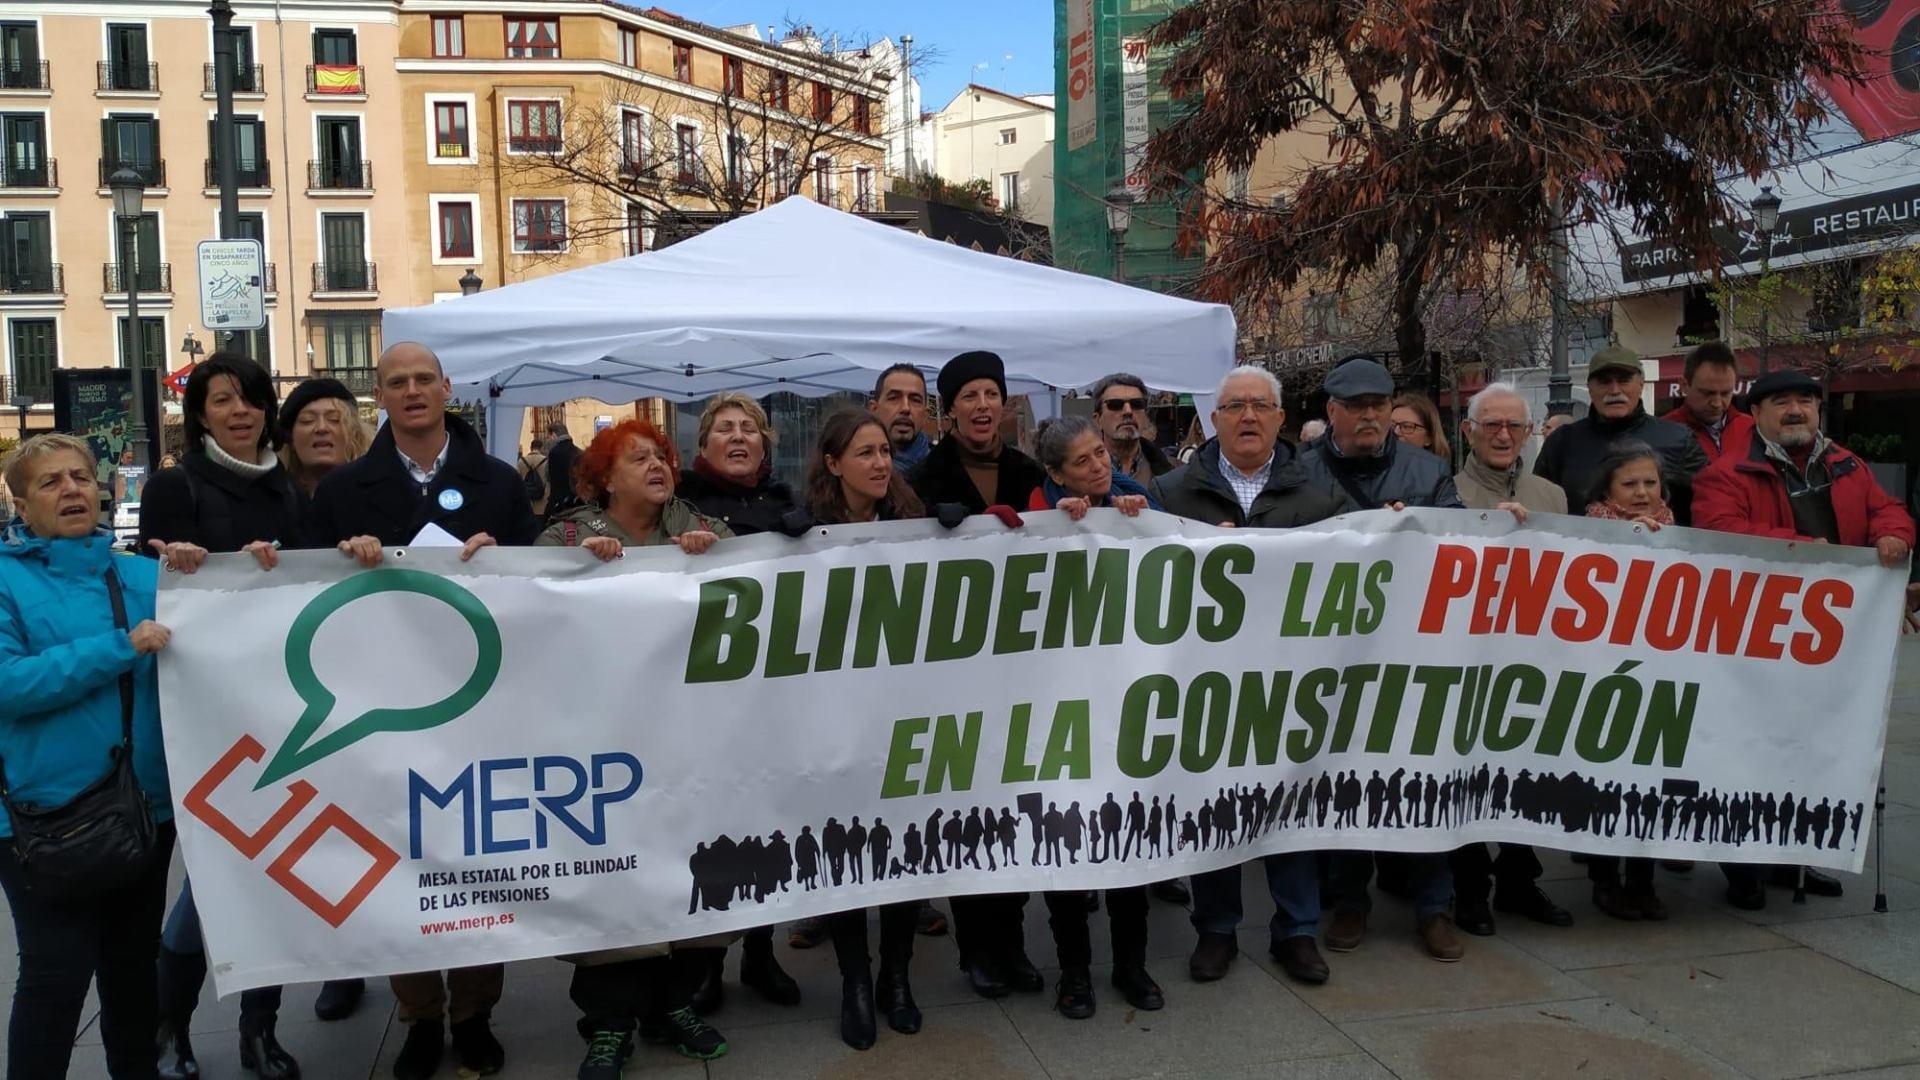 MERP_JORNADA MESAS UNITARIAS 20 DICIEMBRE